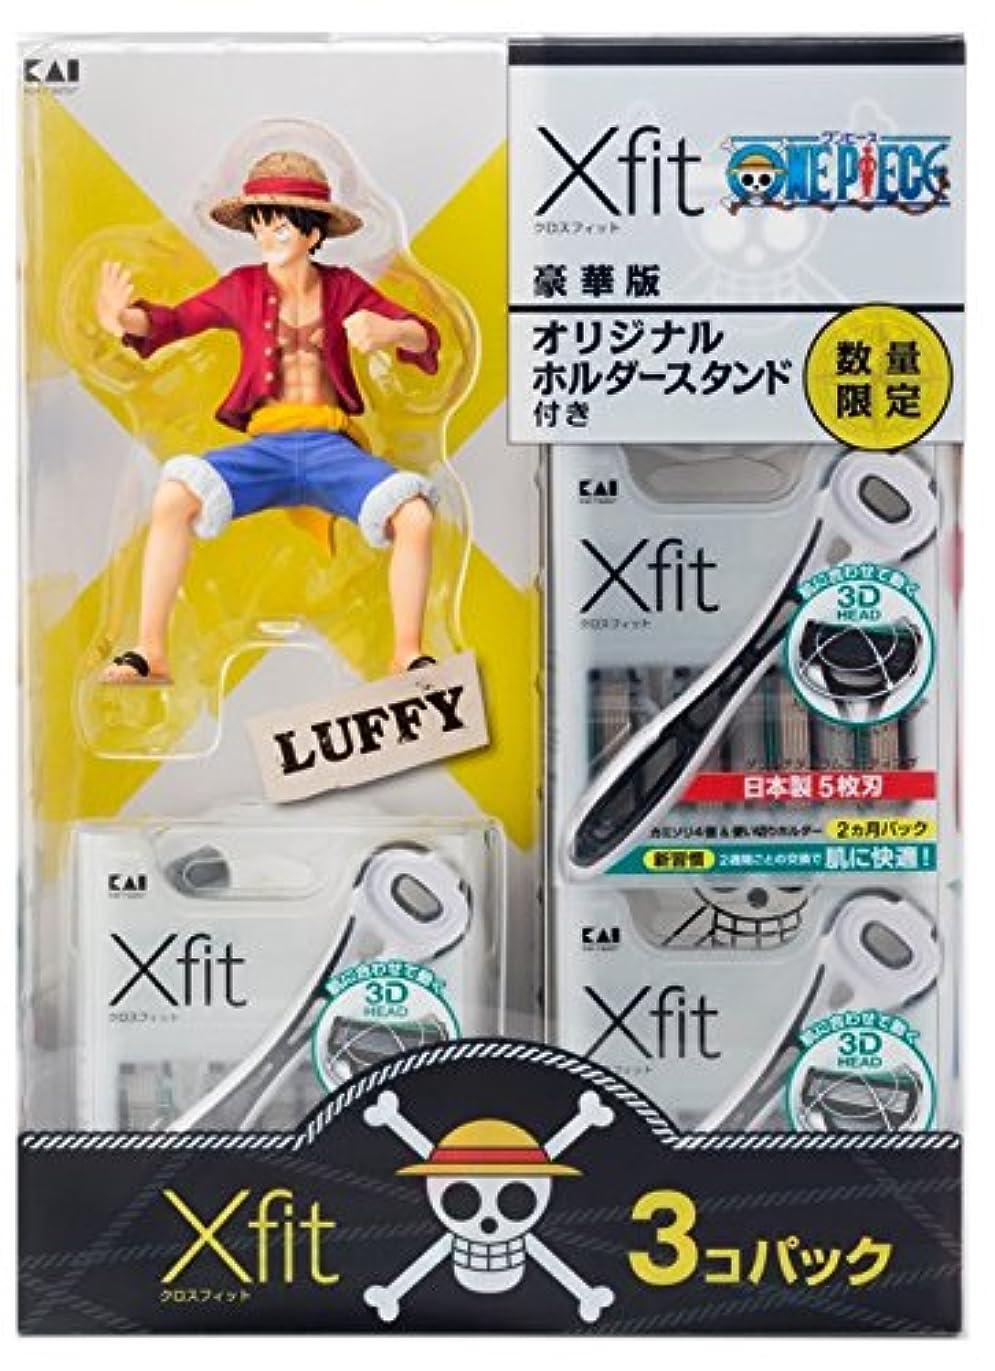 第五容赦ない乙女Xfit(クロスフィット)5枚刃カミソリ ワンピース企画第1弾3コパック+オリジナルホルダースタンド(ルフィ)